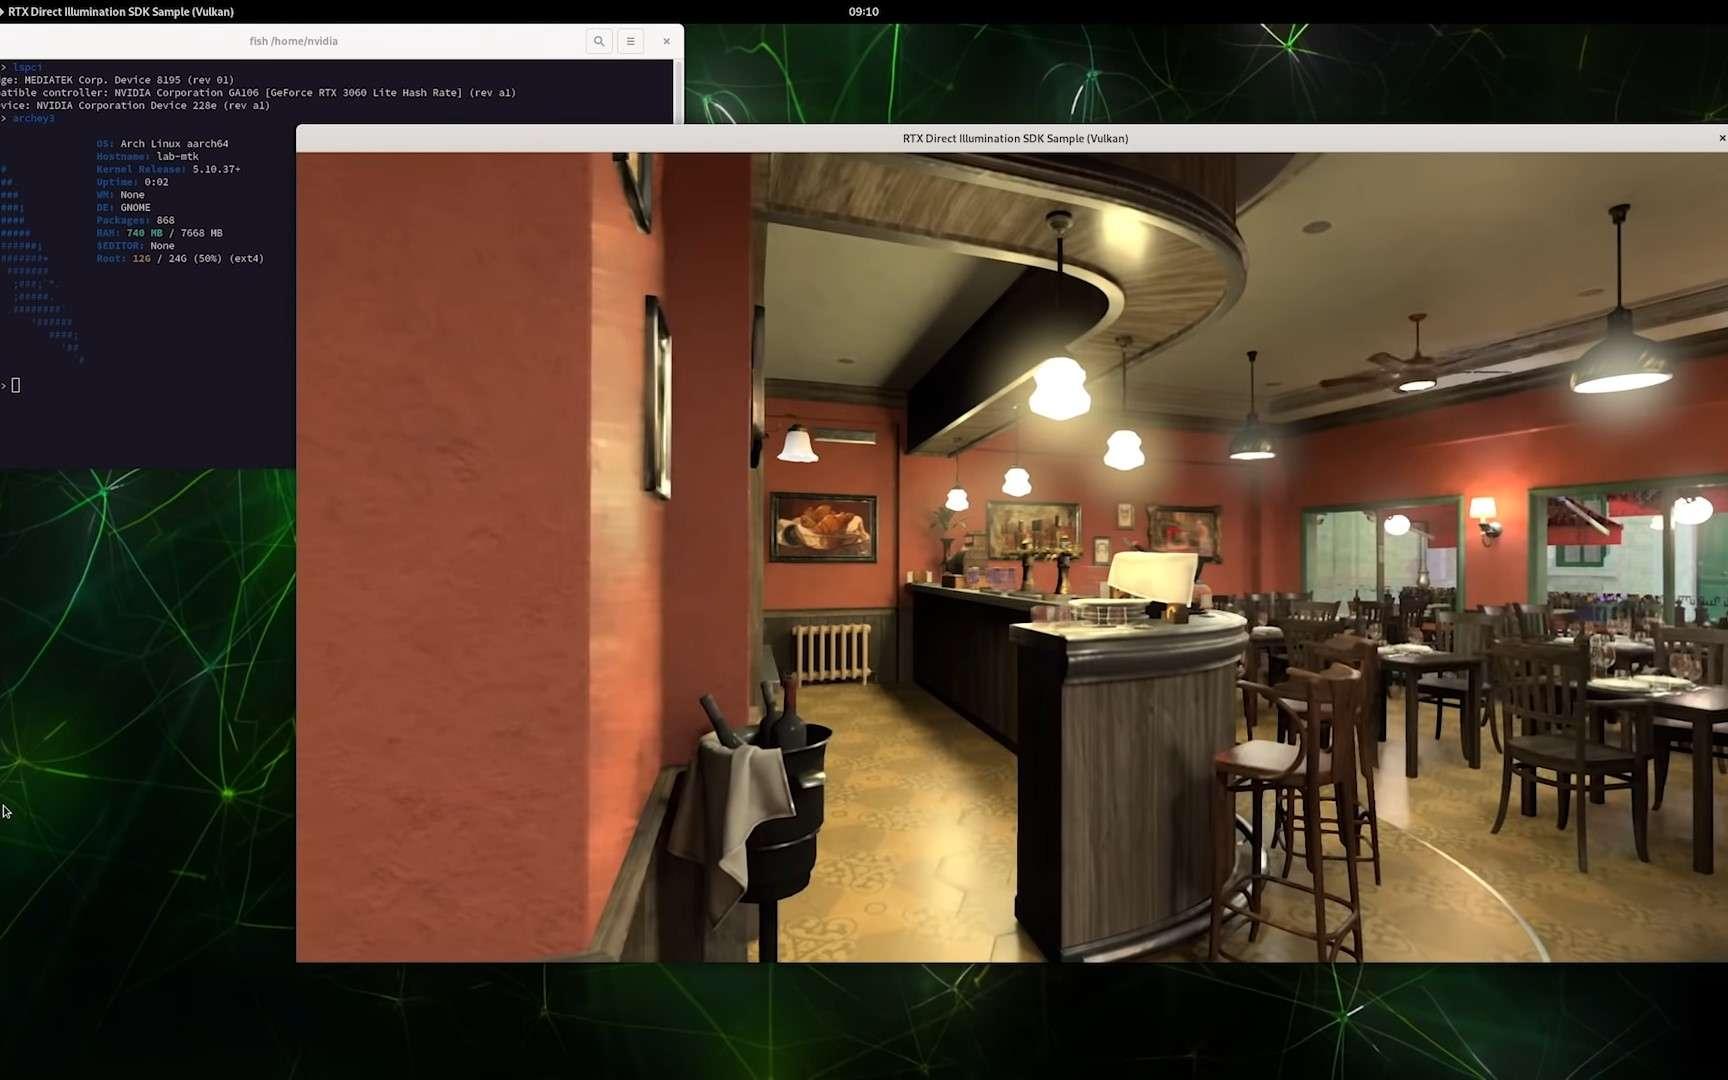 Cette scène de The Bistro est rendue possible grâce au ray tracing sur une machine avec un processeur ARM. © Nvidia